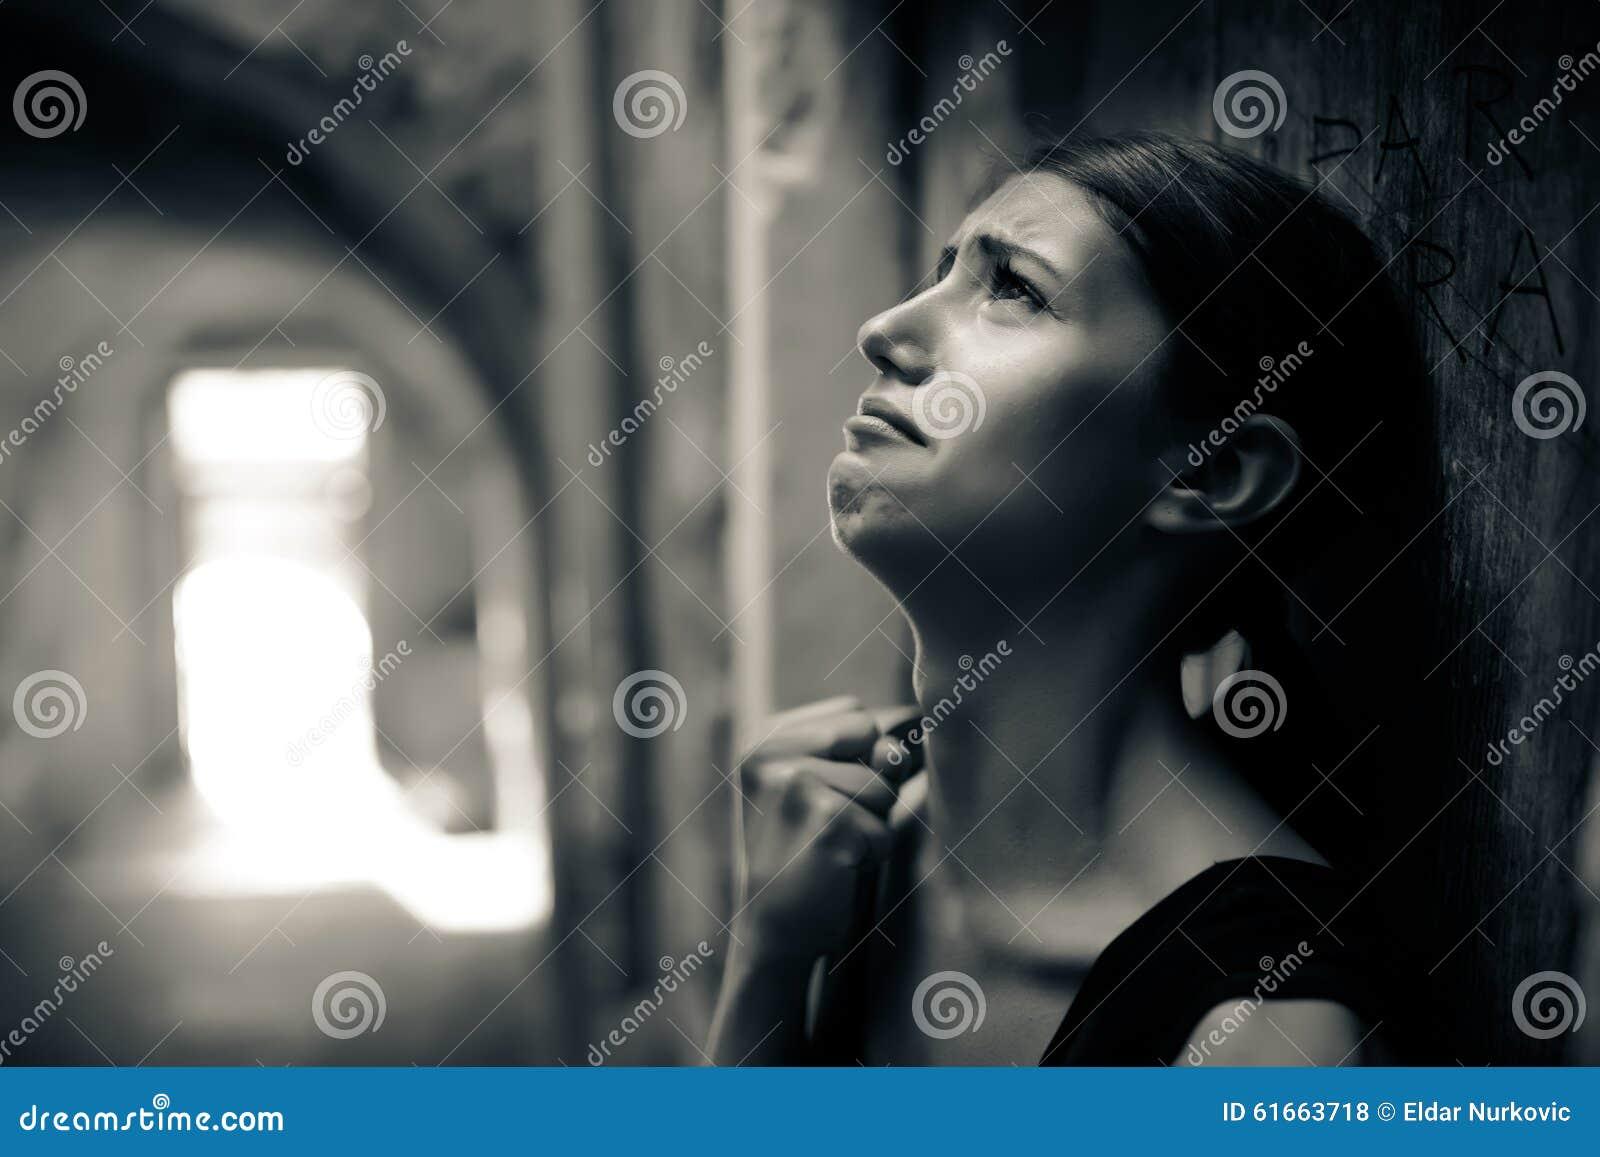 Femme avec pleurer triste de visage Expression triste, émotion triste, désespoir, tristesse Femme dans le stress émotionnel et la